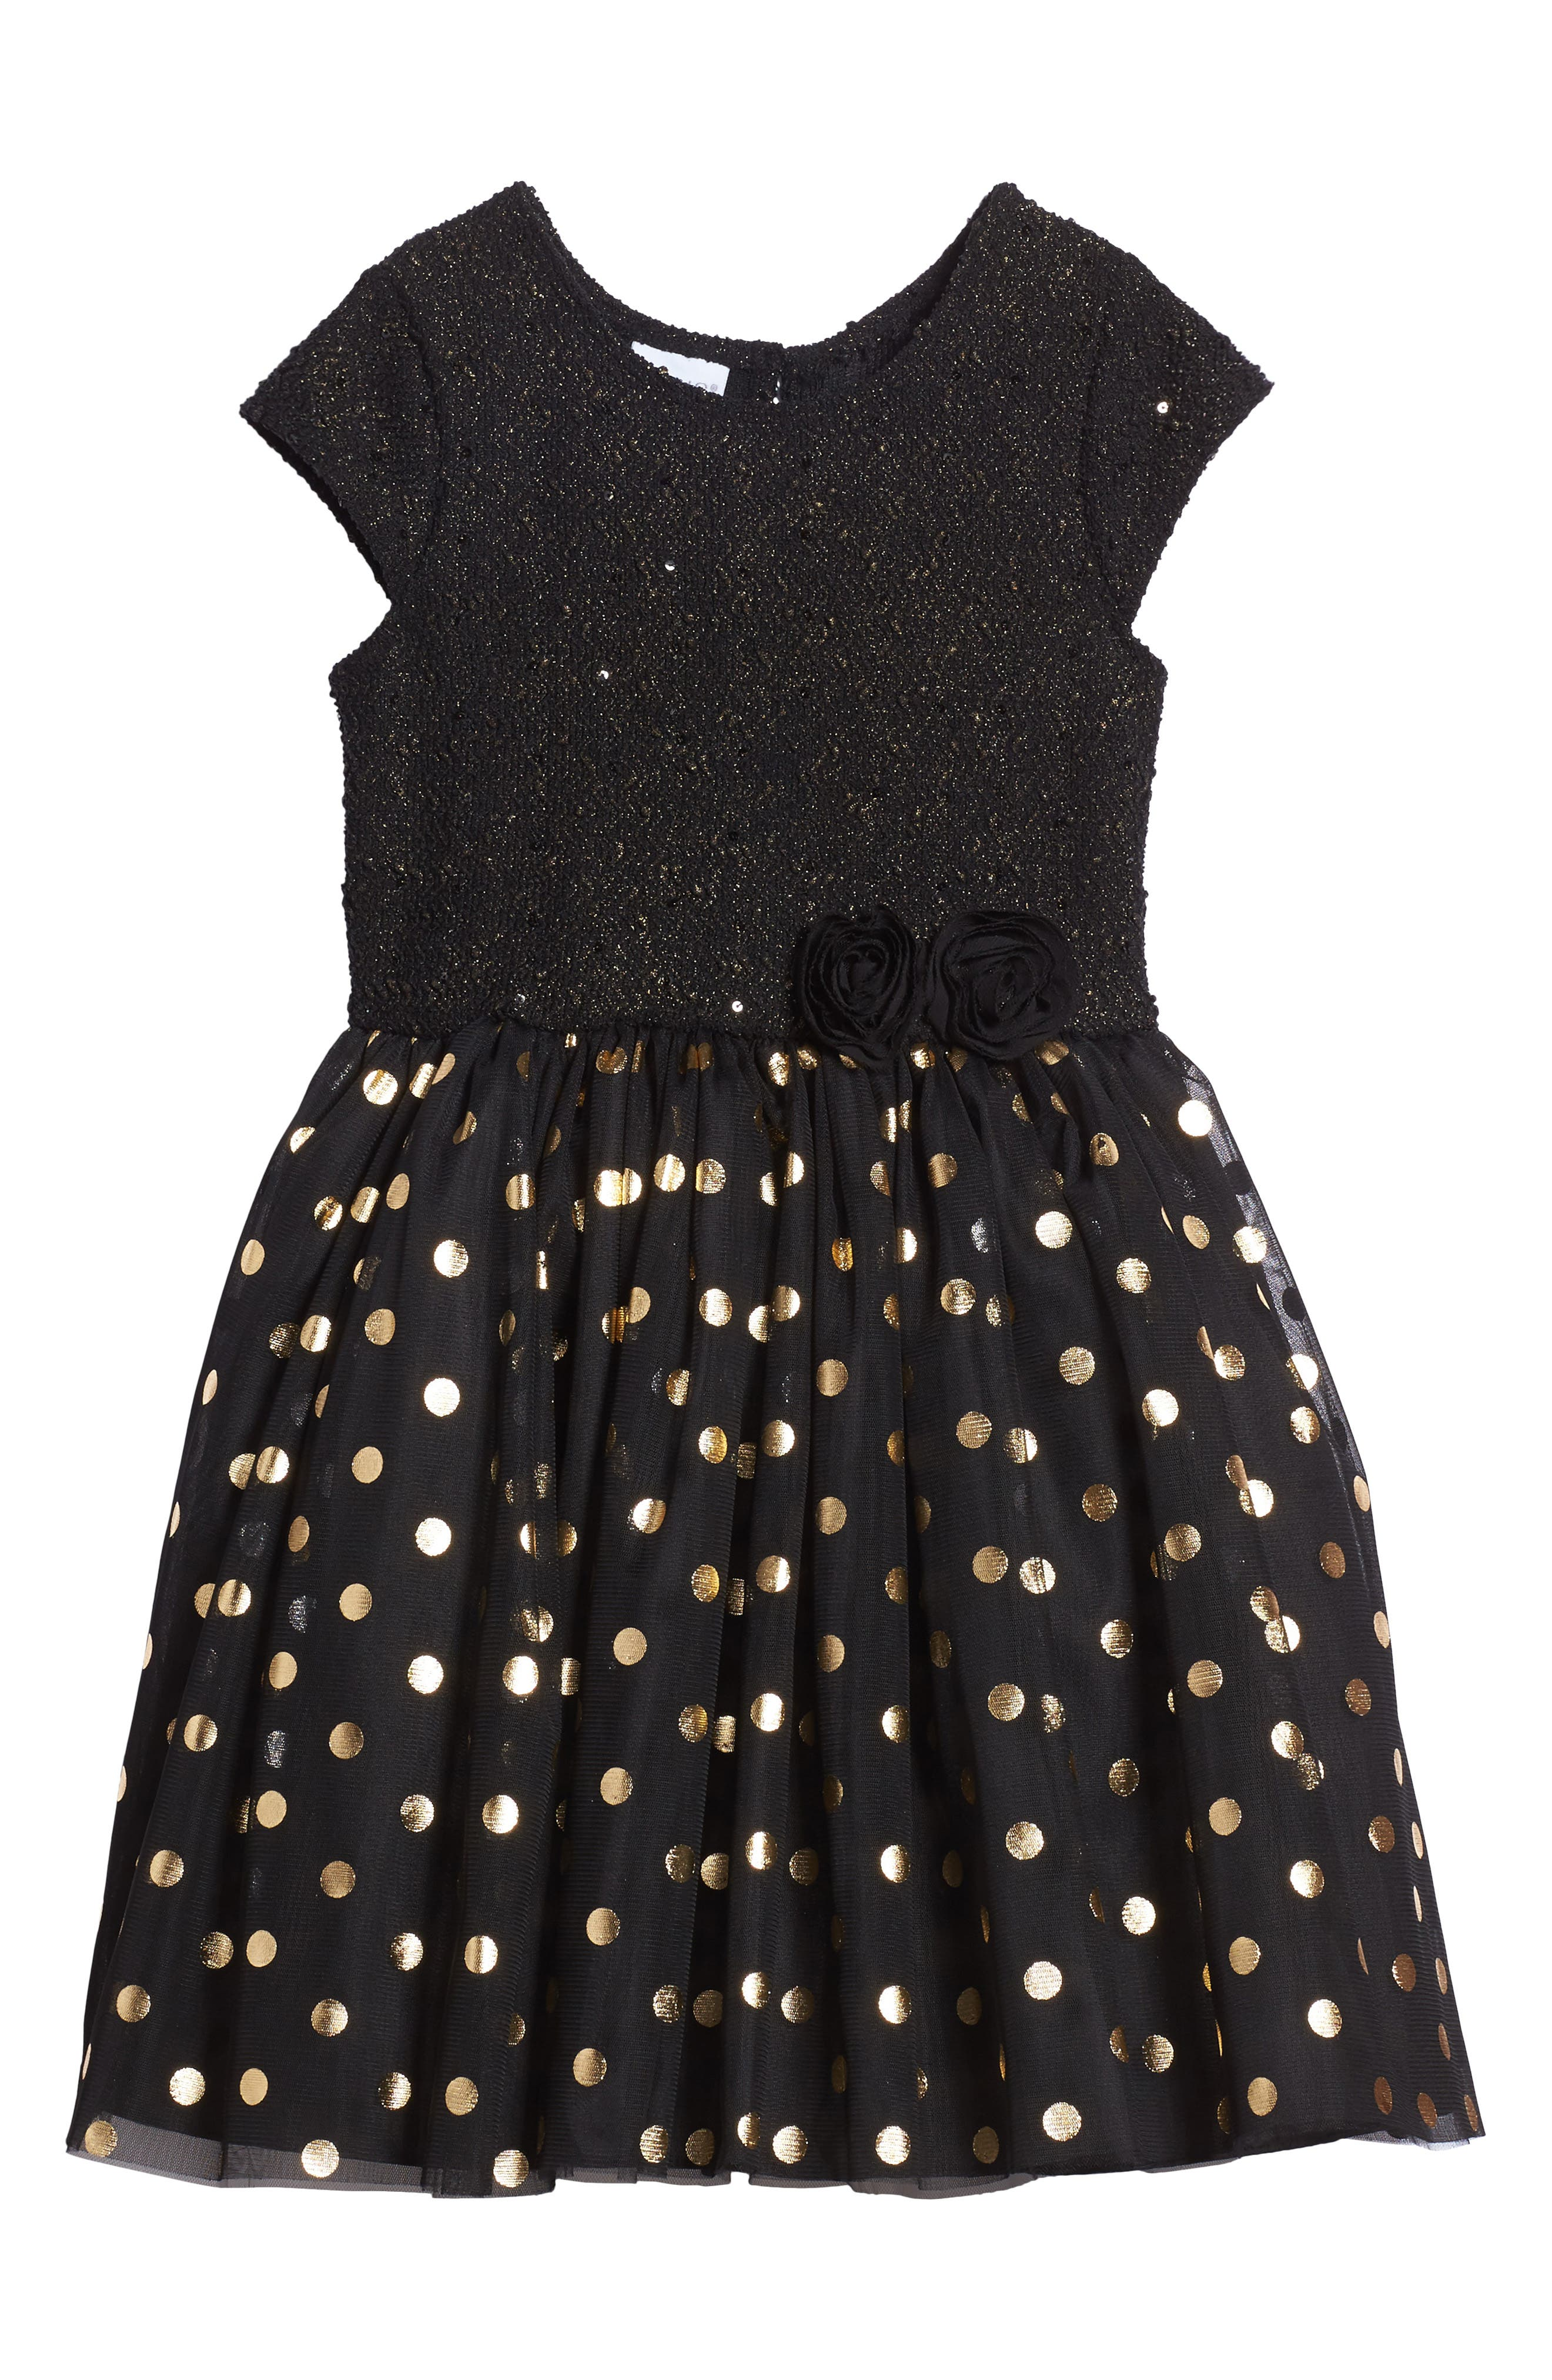 Main Image - Frais Metallic Dot Dress (Toddler Girls, Little Girls & Big Girls)